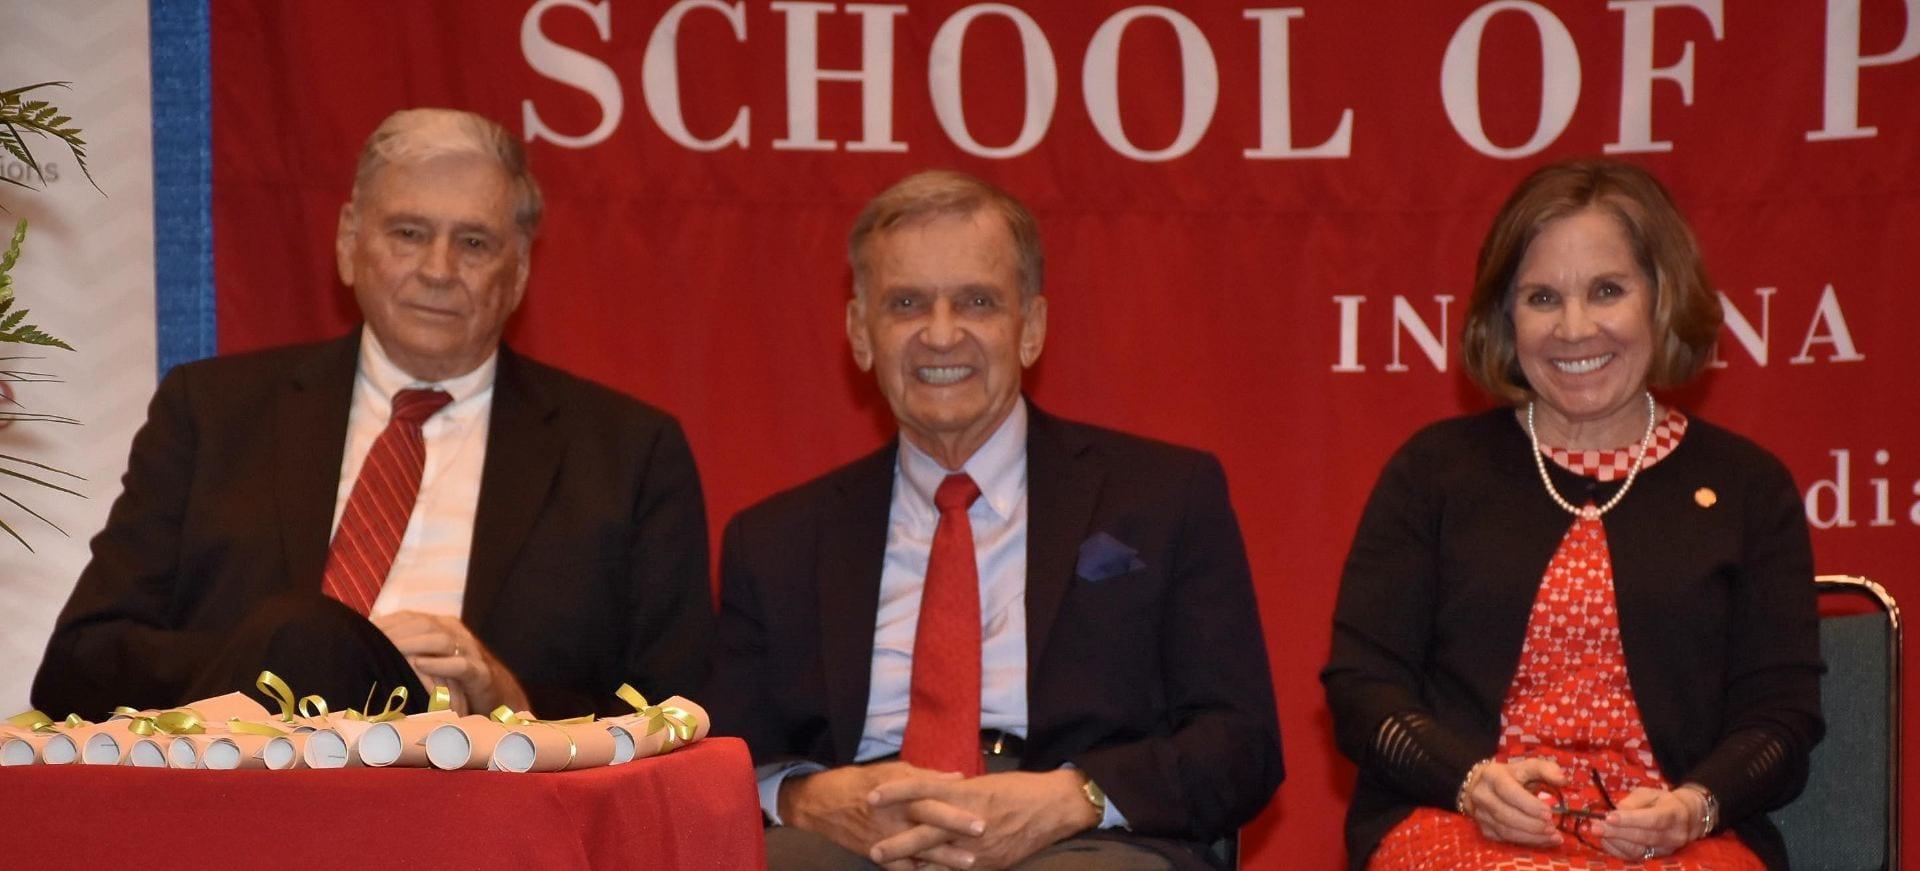 Dr. Bill Enright, Jerre Stead, Maureen Hackett